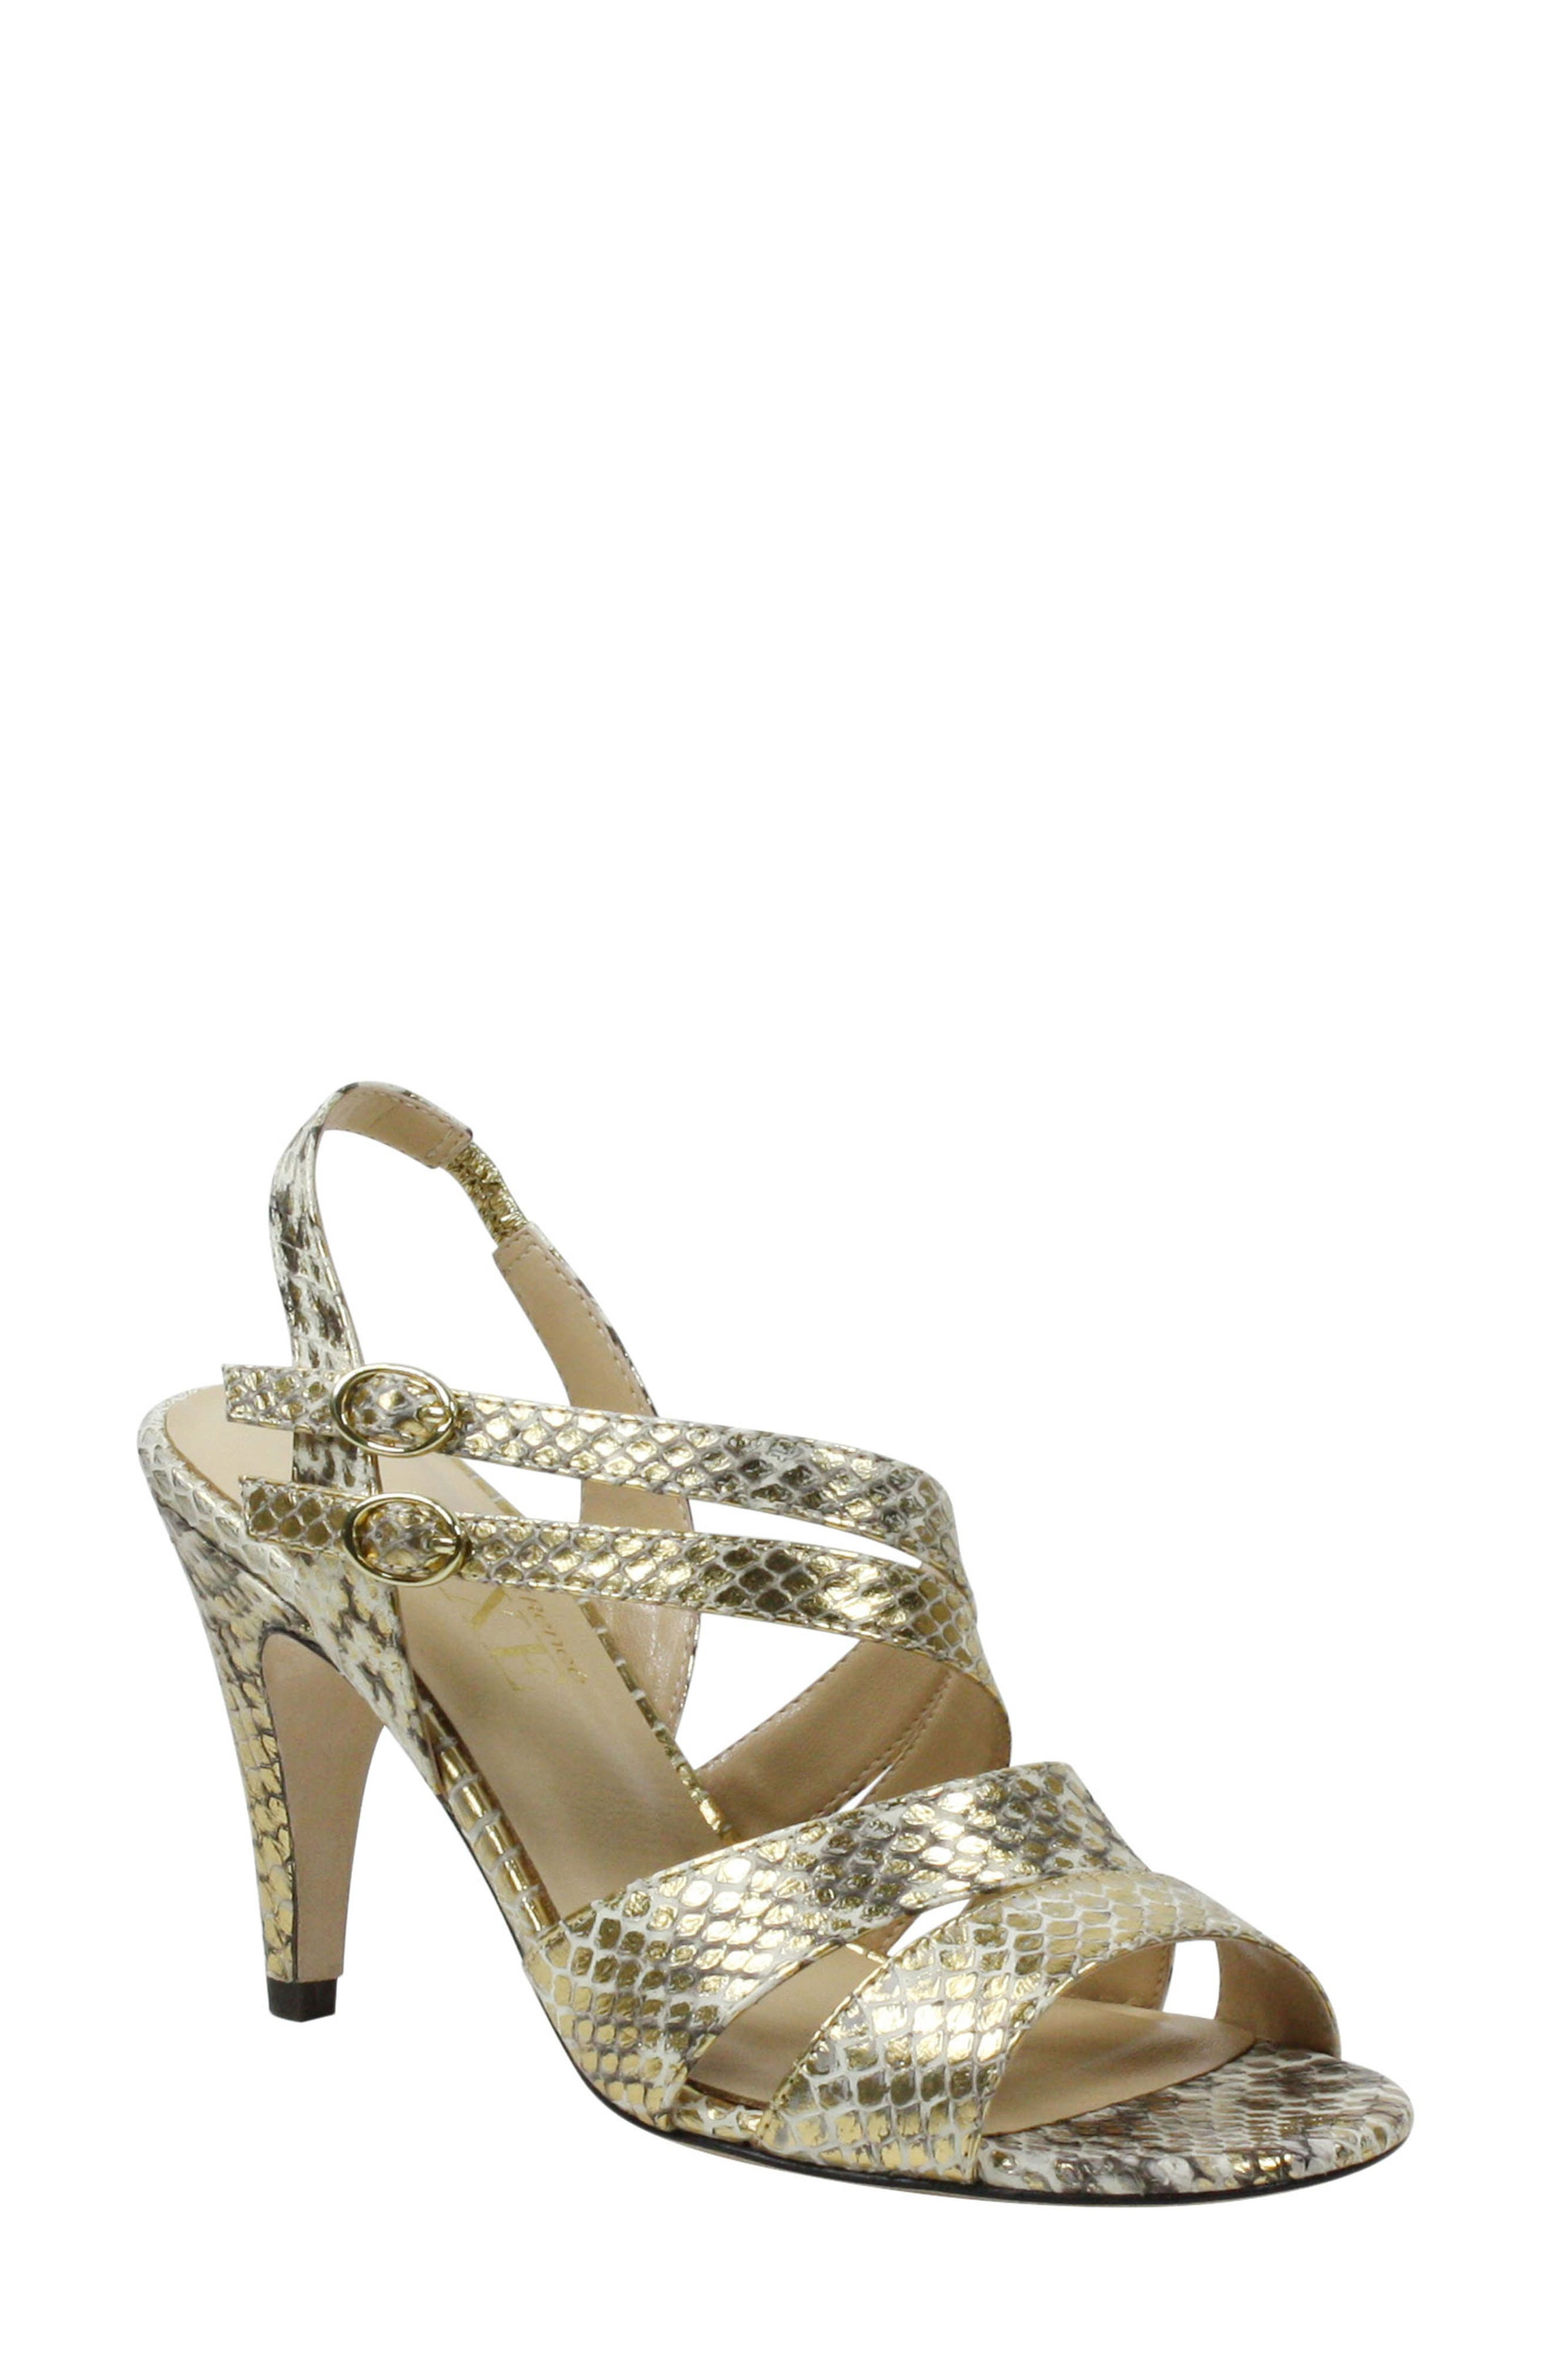 Women's J. Renee Carro Snake Embossed Strappy Sandal, Size 6.5 B - Beige